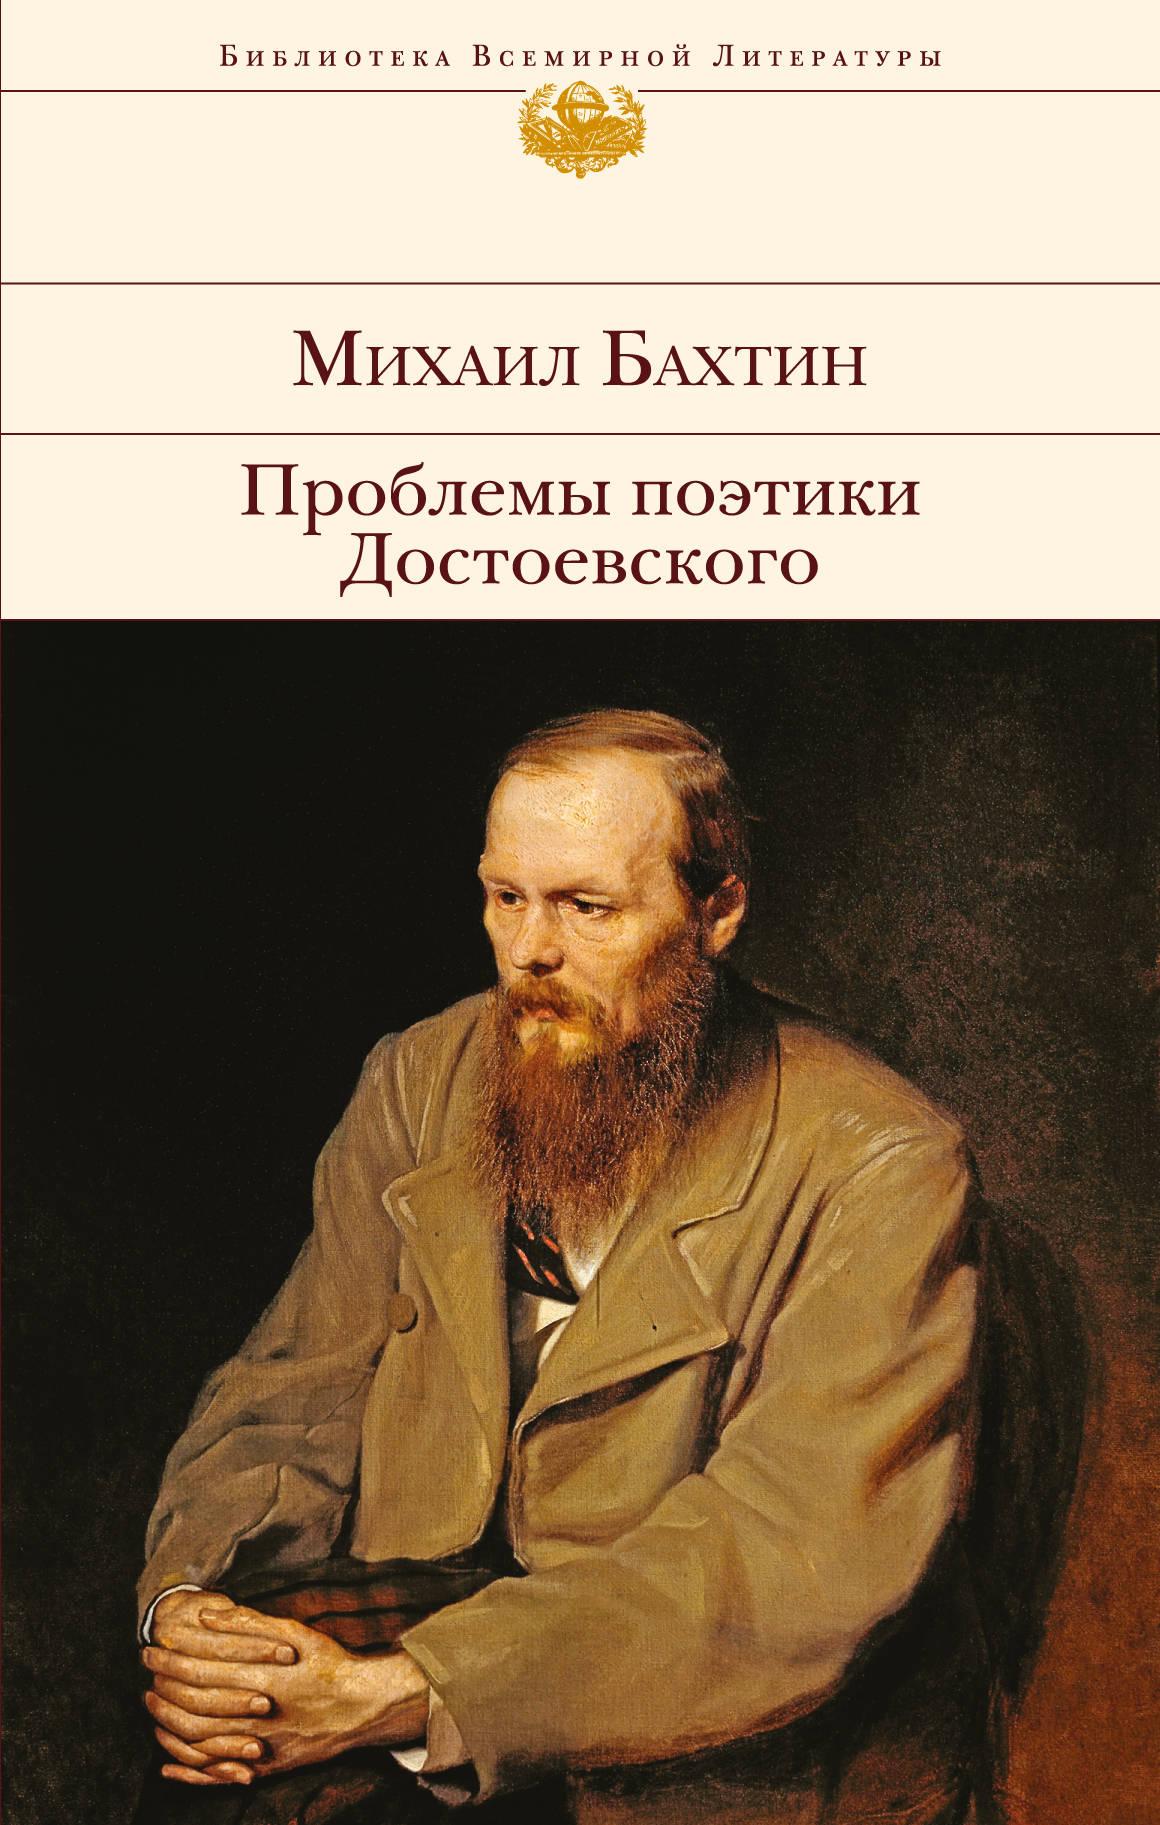 Михаил Бахтин Проблемы поэтики Достоевского ISBN: 978-5-699-95749-1